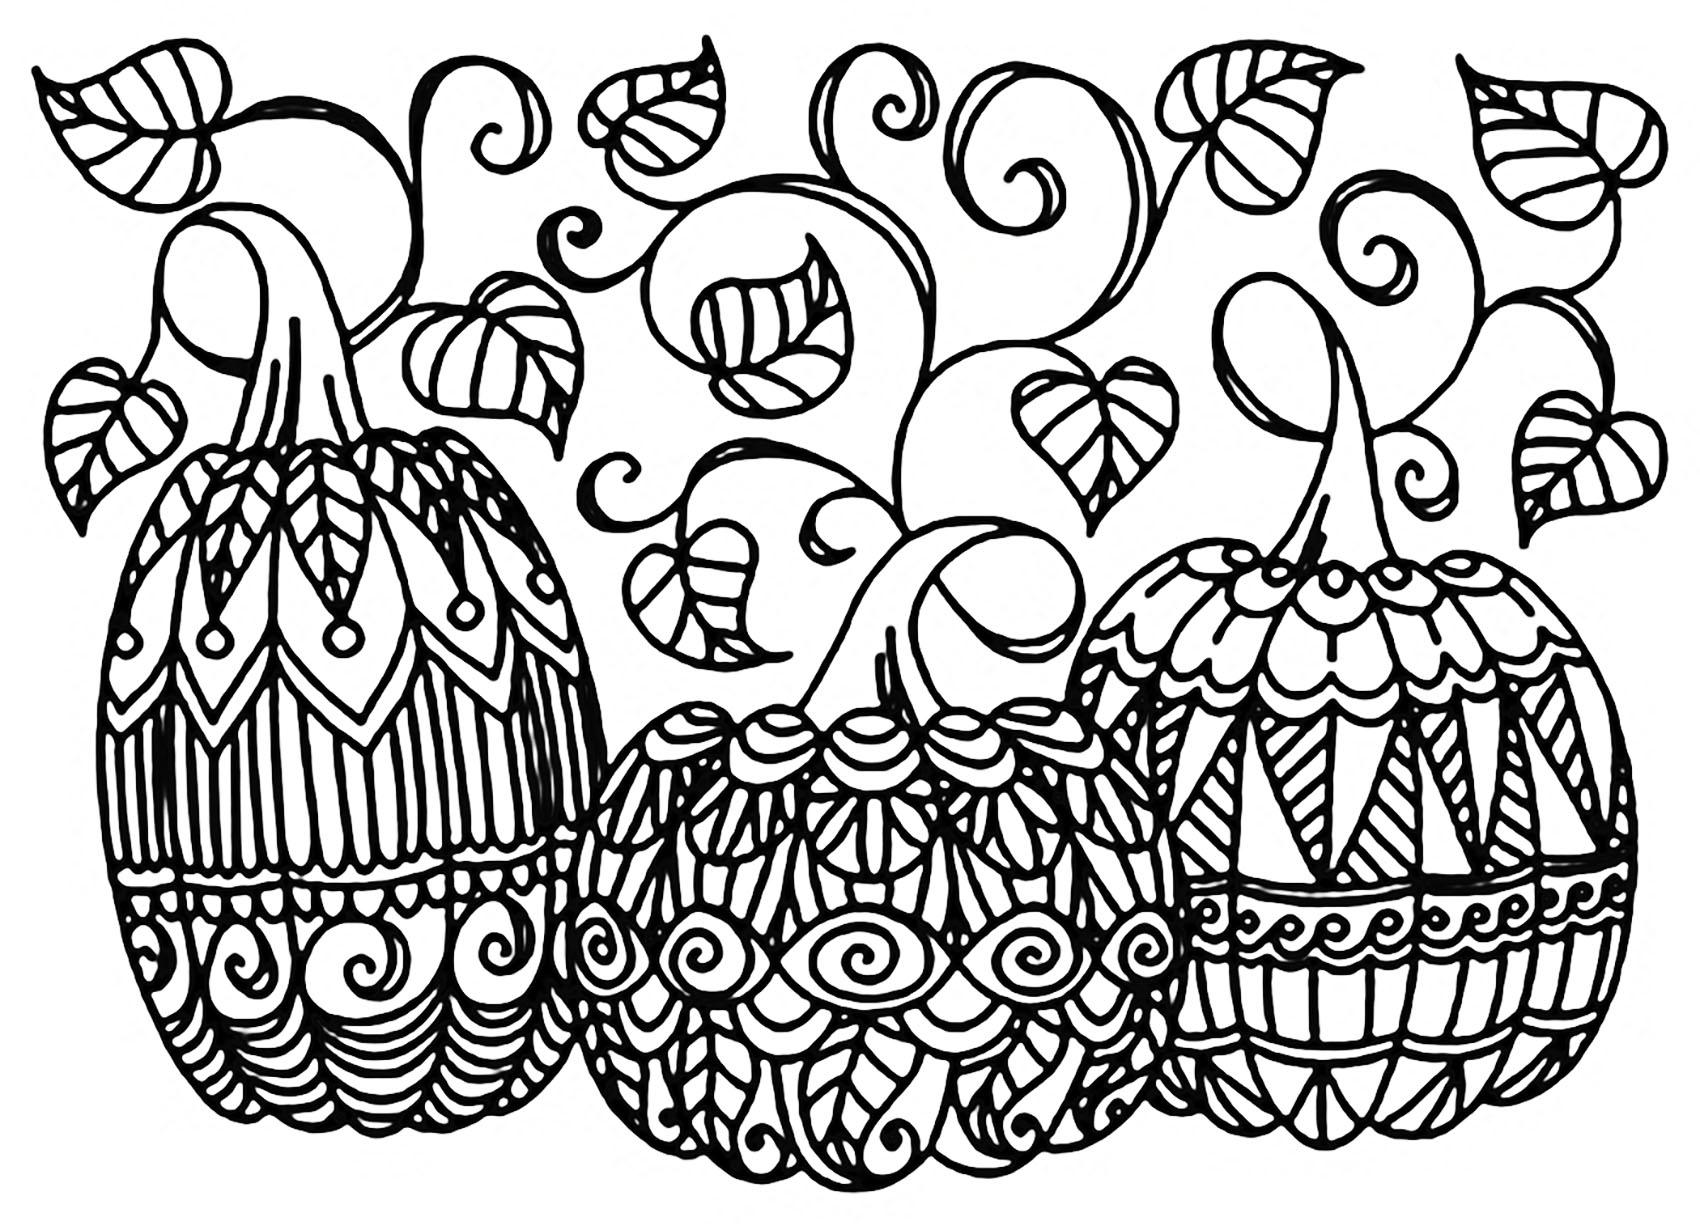 Dibujos Para Colorear De Calabazas De Halloween Para Imprimir: Colorear Para Adultos